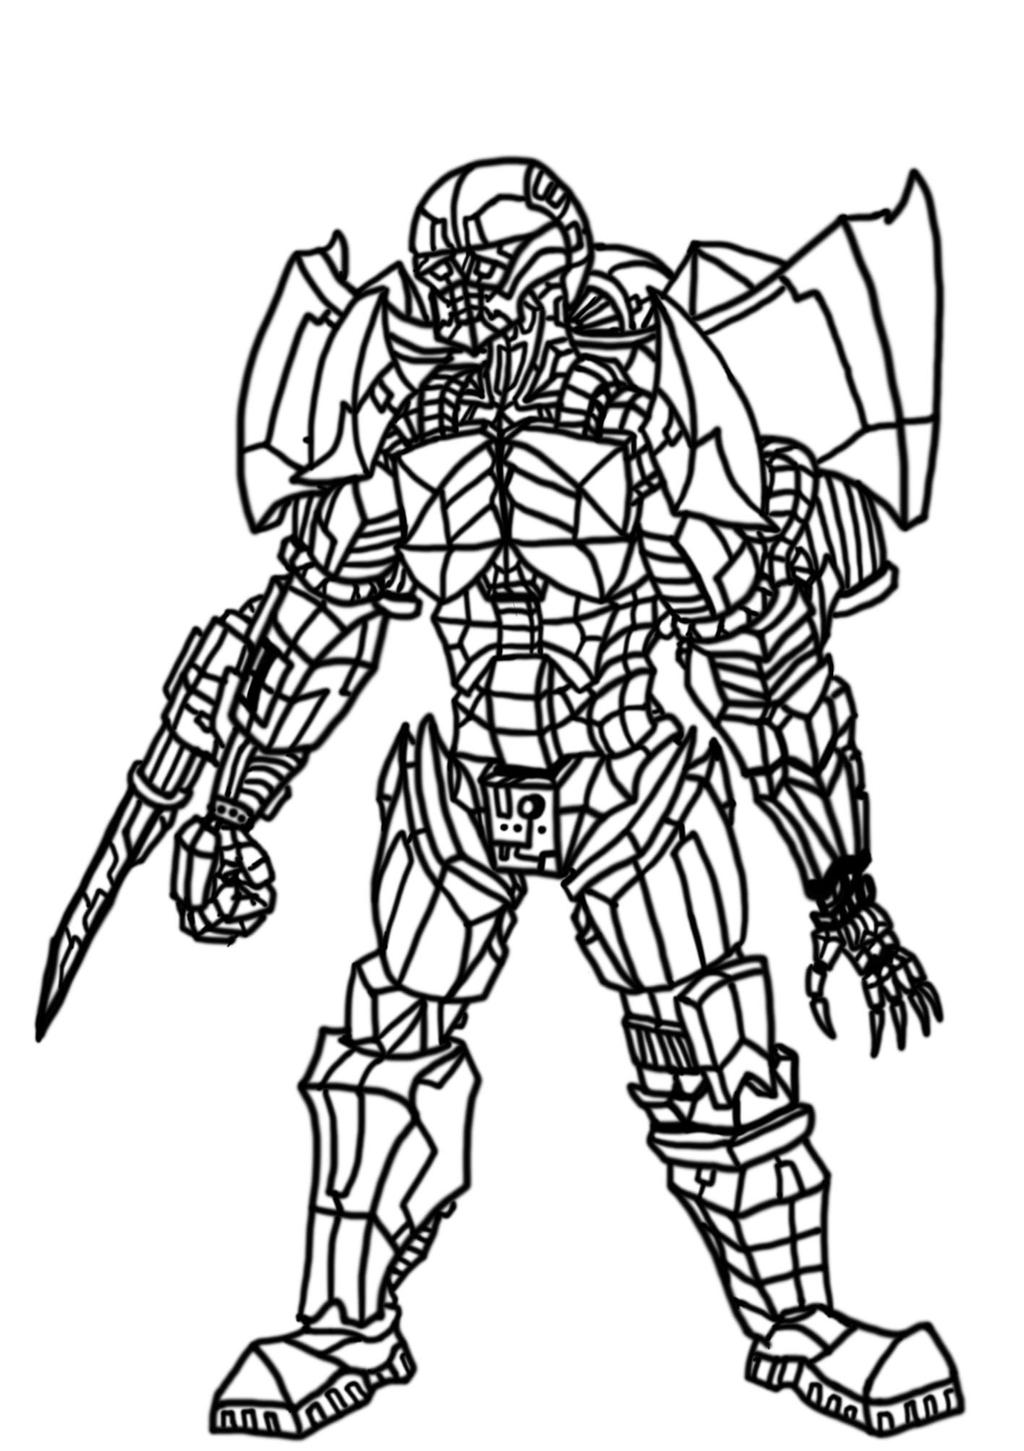 Robo Guy no. 2 by oozy5000